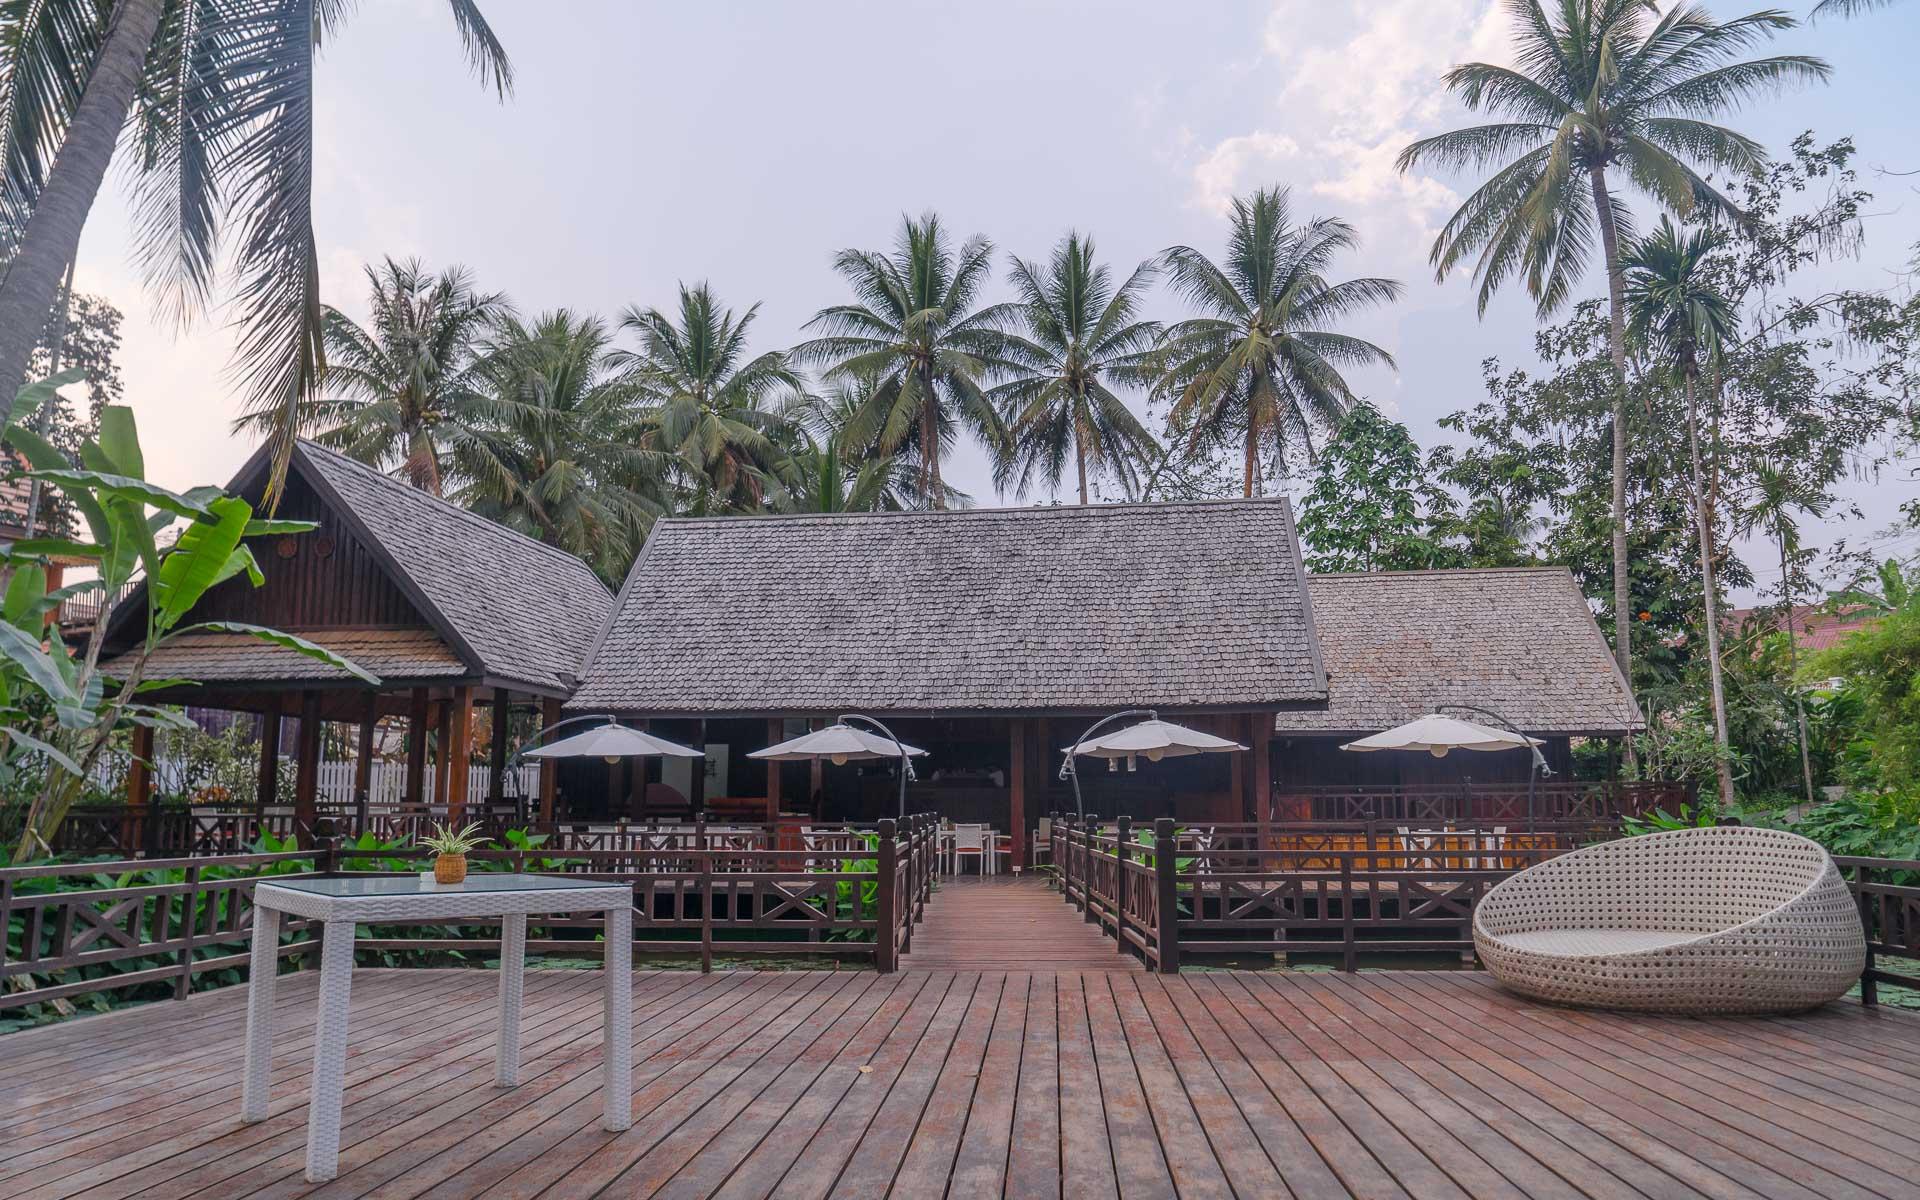 Lesvoyageuses-voyage-laos-luang-prabang-hotel-parasol-blanc-19